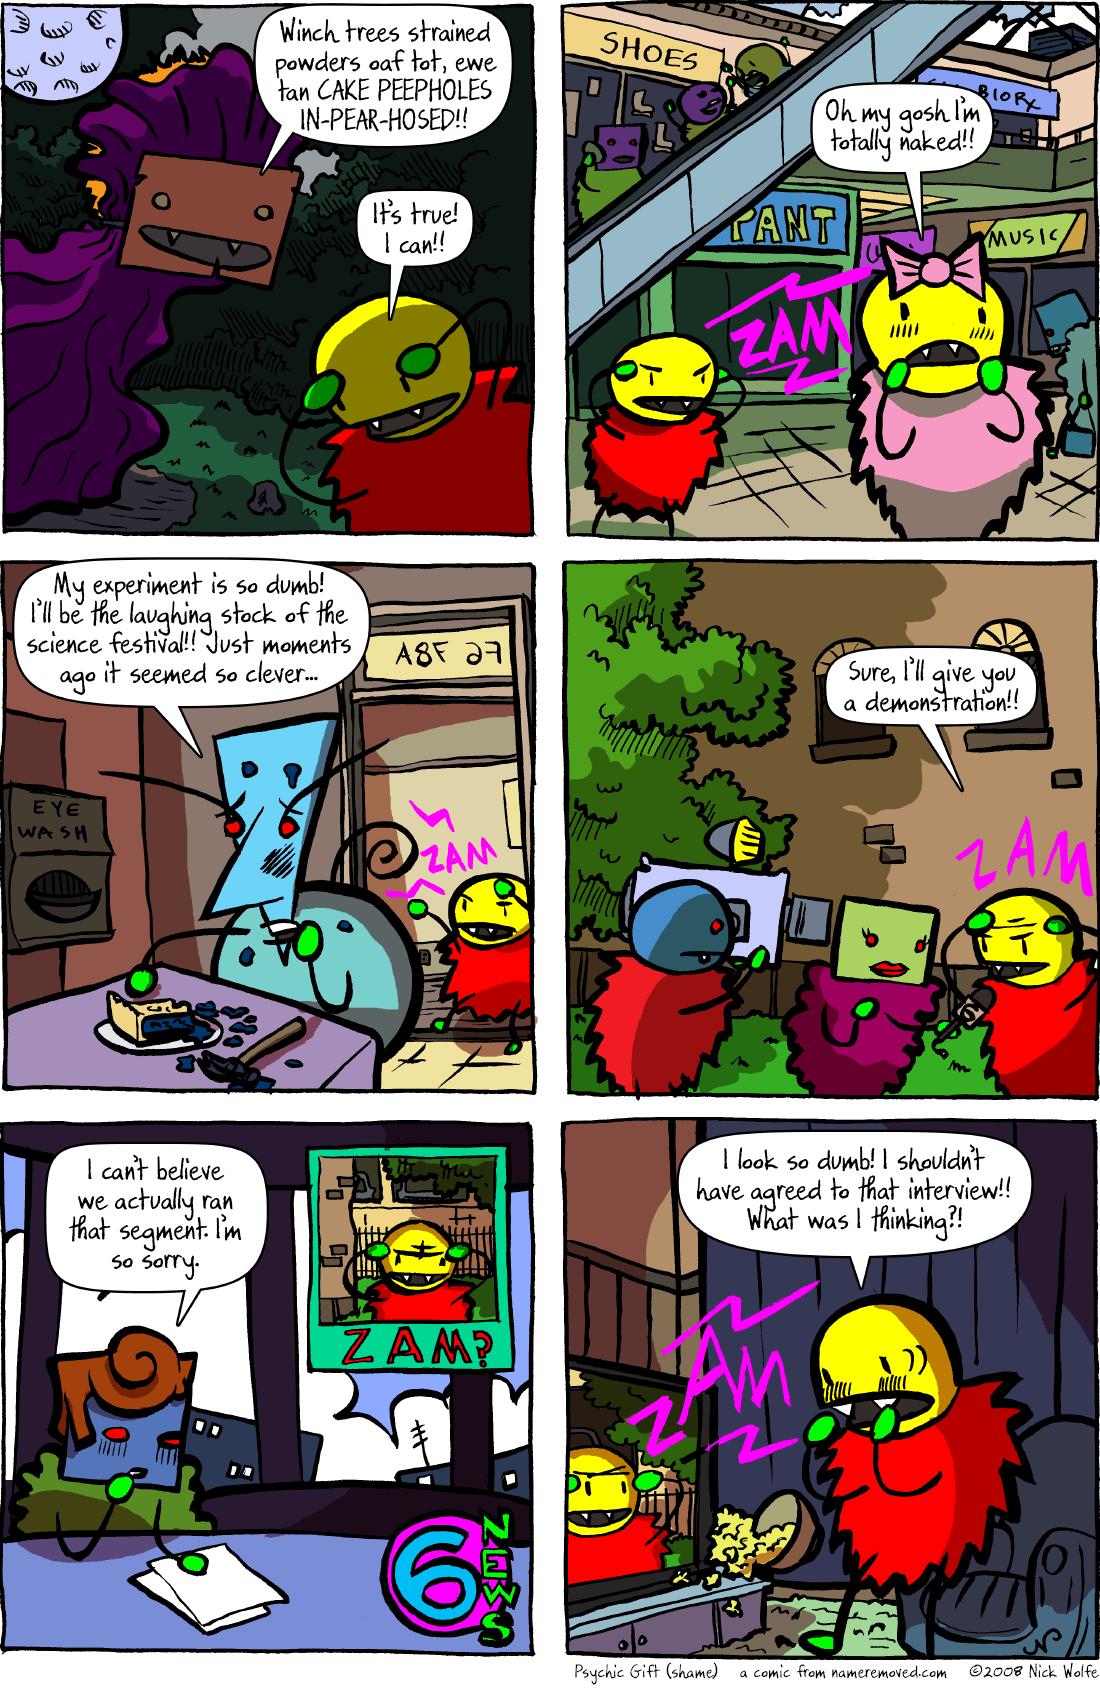 Psychic Gift (shame)